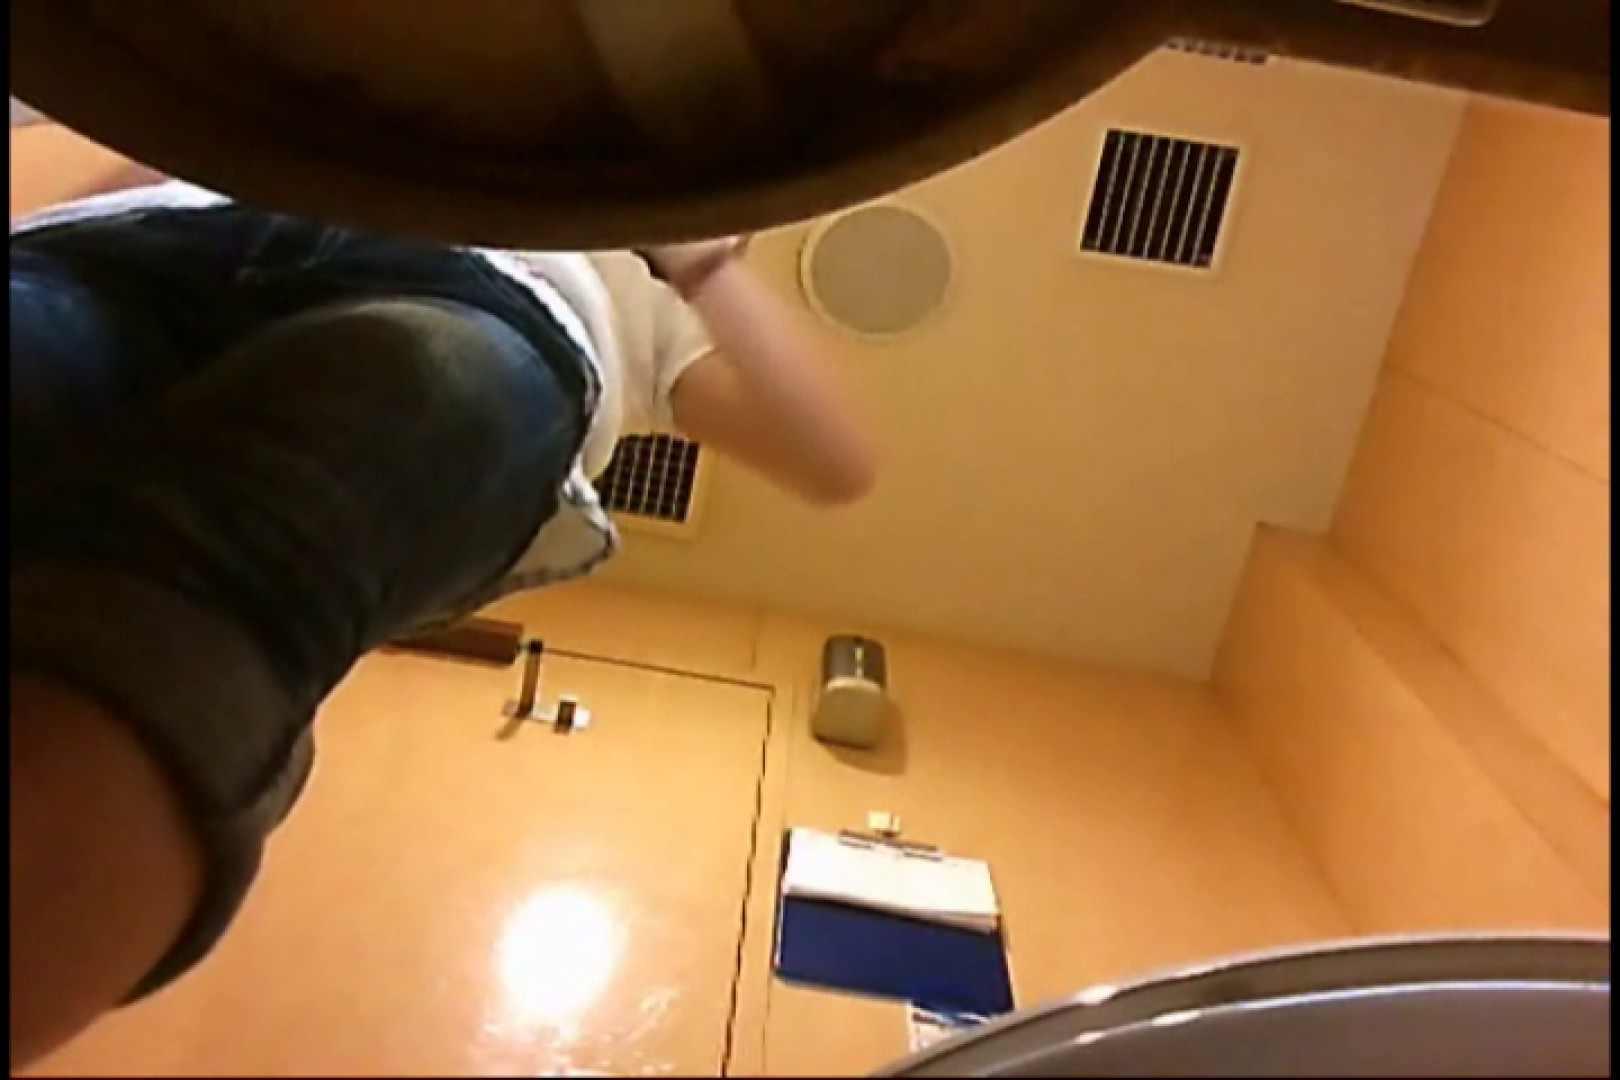 マダムが集まるデパートお手洗い Vol.46 丸見え アダルト動画キャプチャ 106枚 30